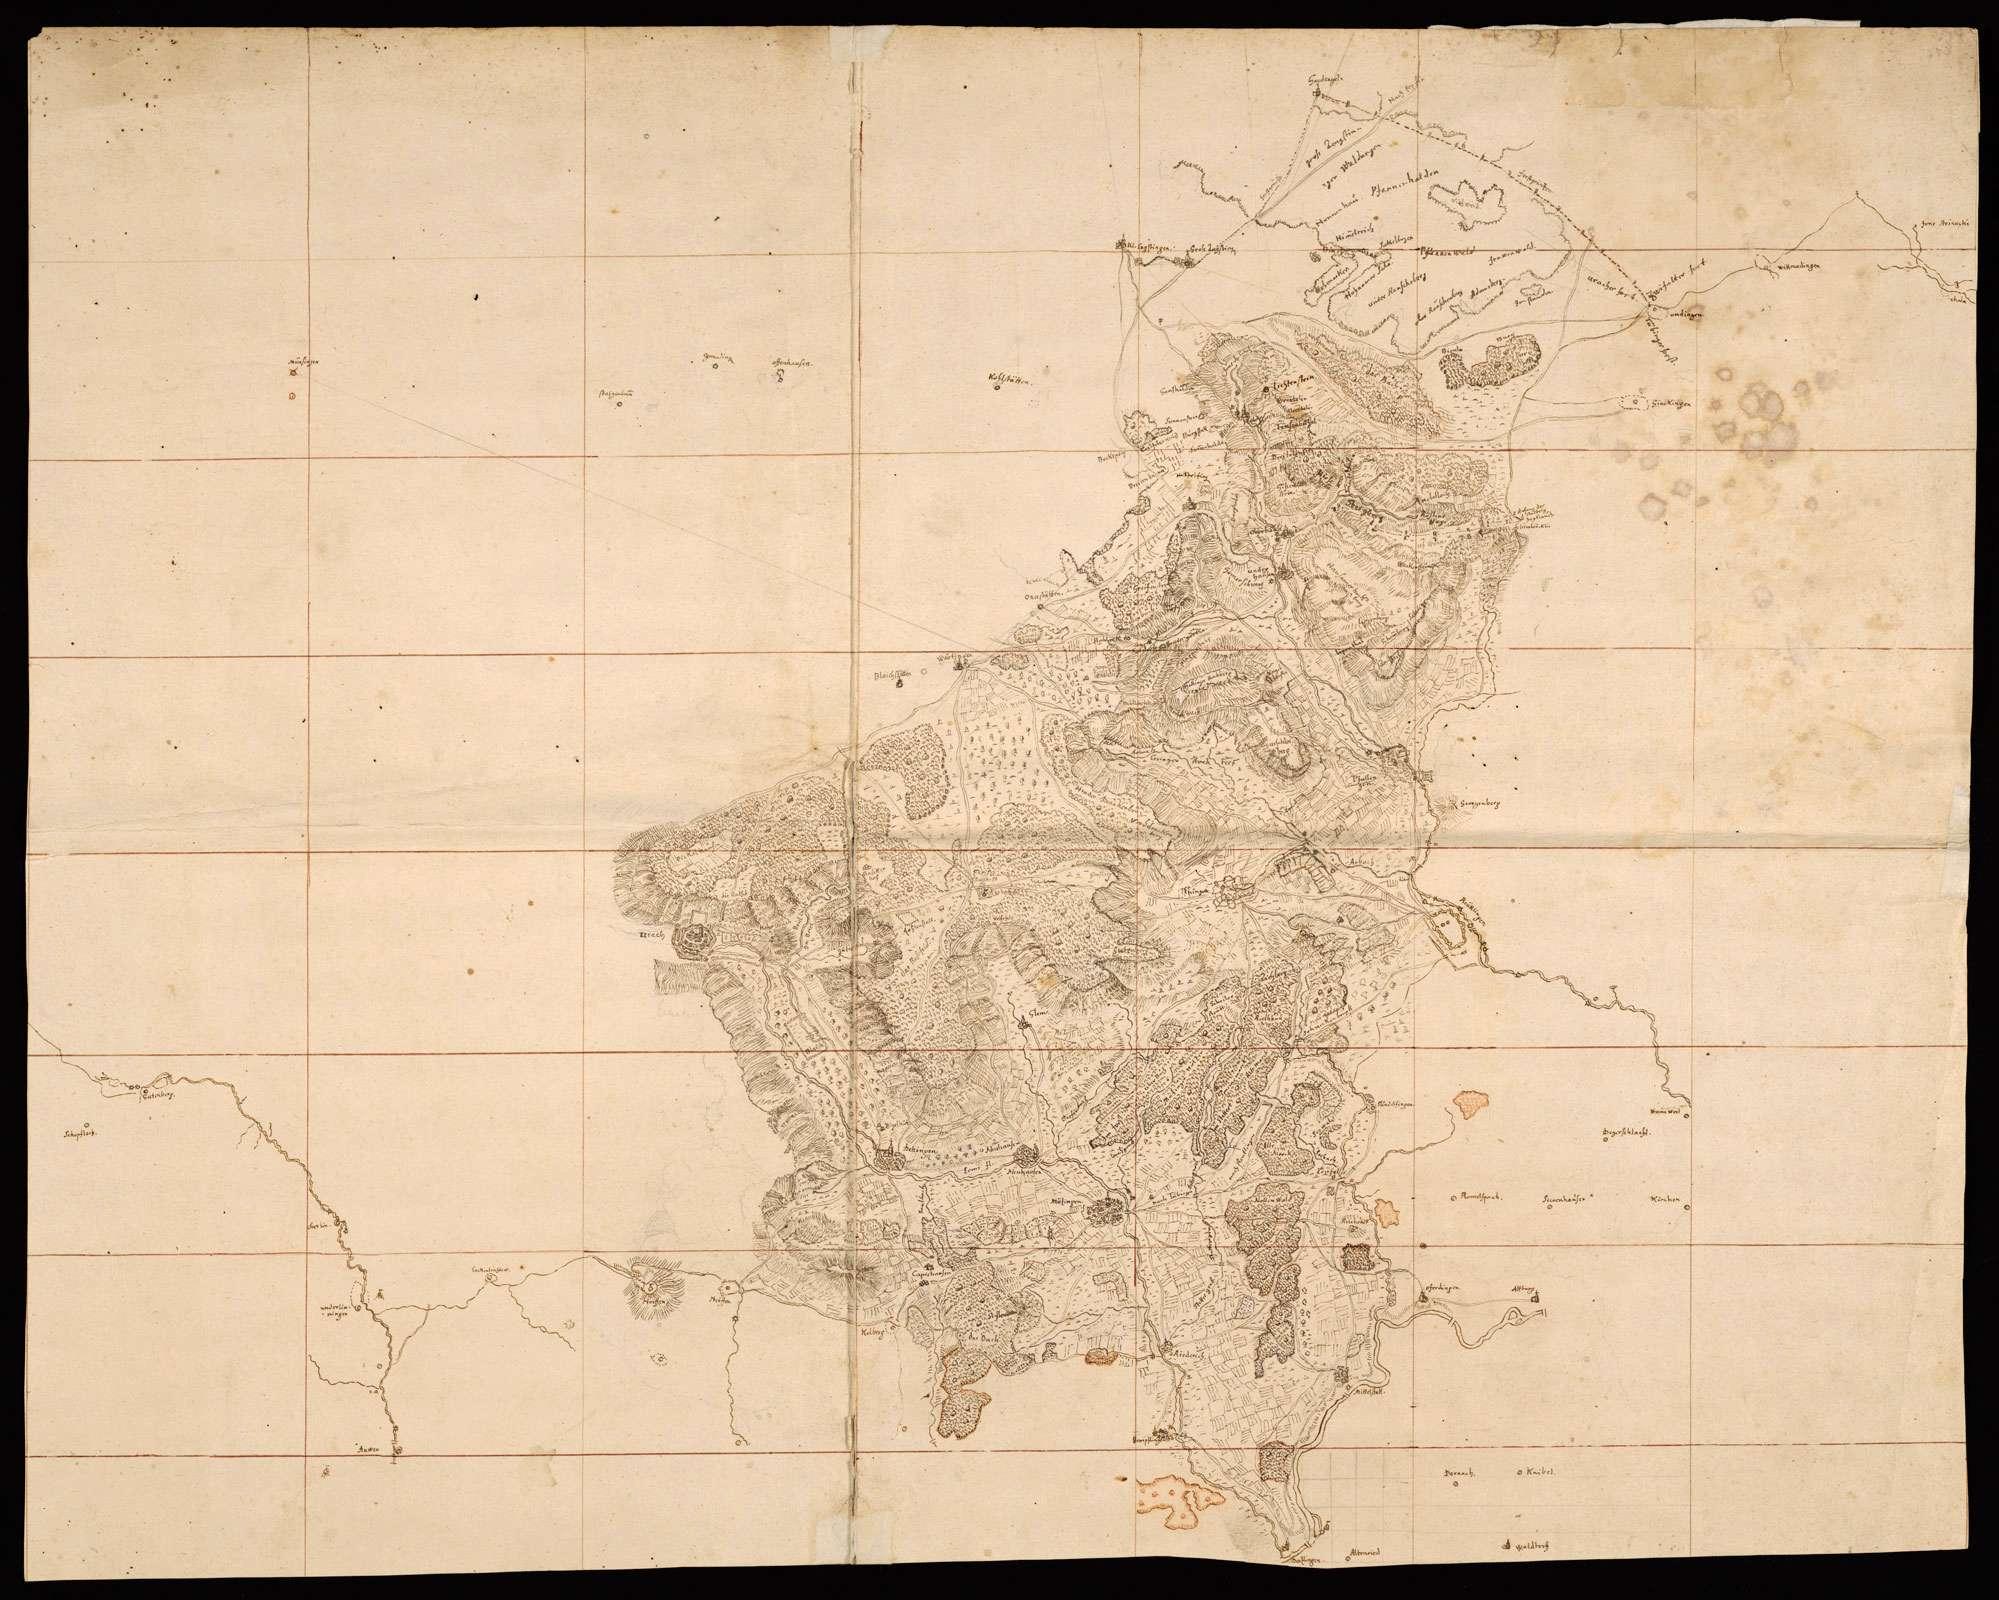 [Karte des nordwestlichen Teils des Uracher Forsts zwischen Echaz, Neckar und Erms], Bild 1